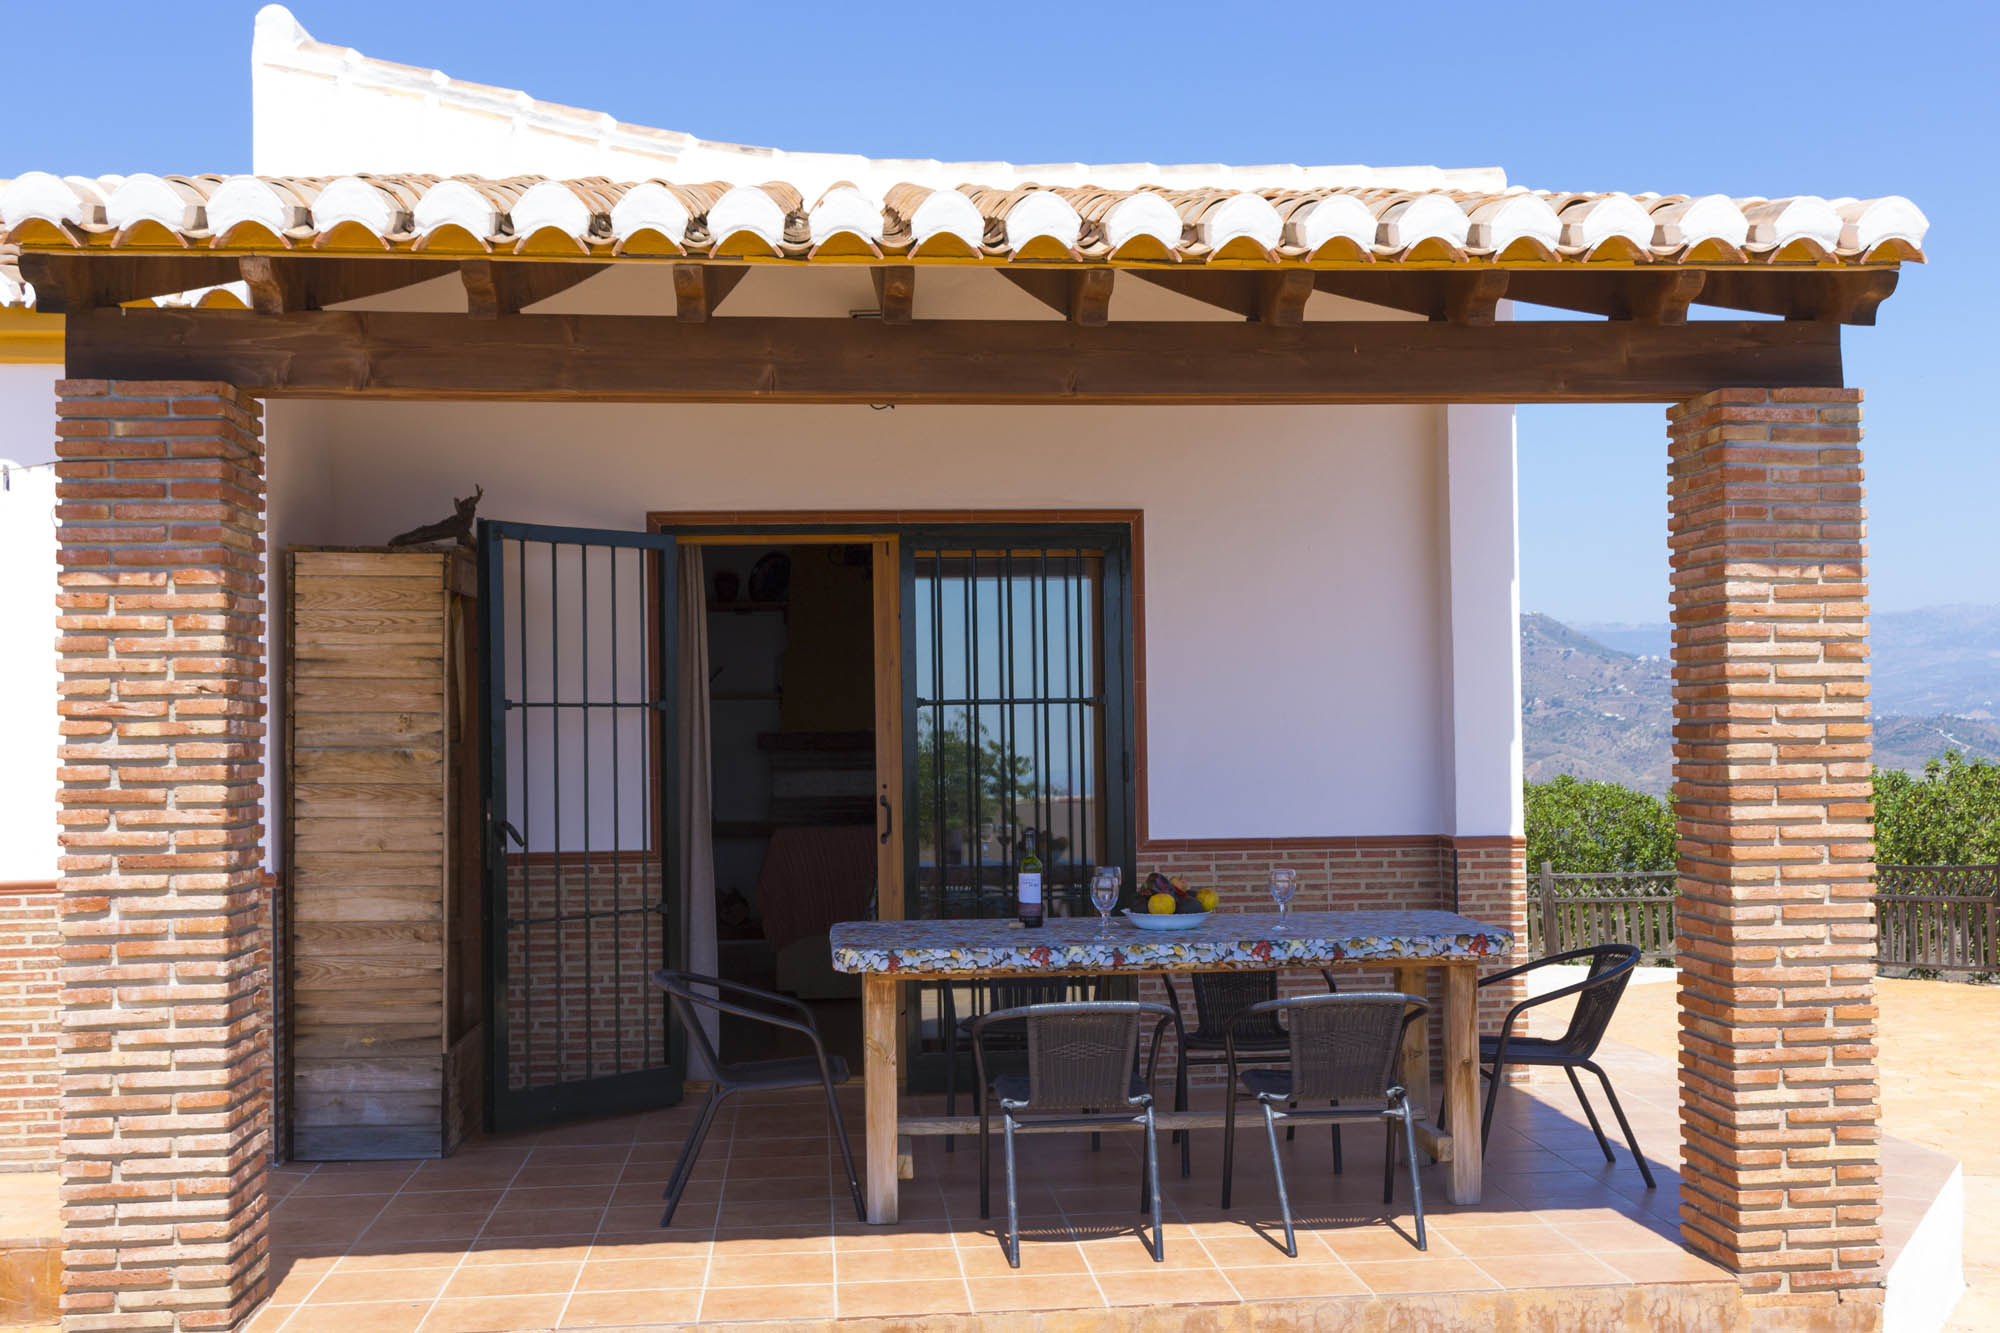 pergola sur balcon couverture pergola canisse vous avez un balcon alors mettezy une pergola. Black Bedroom Furniture Sets. Home Design Ideas